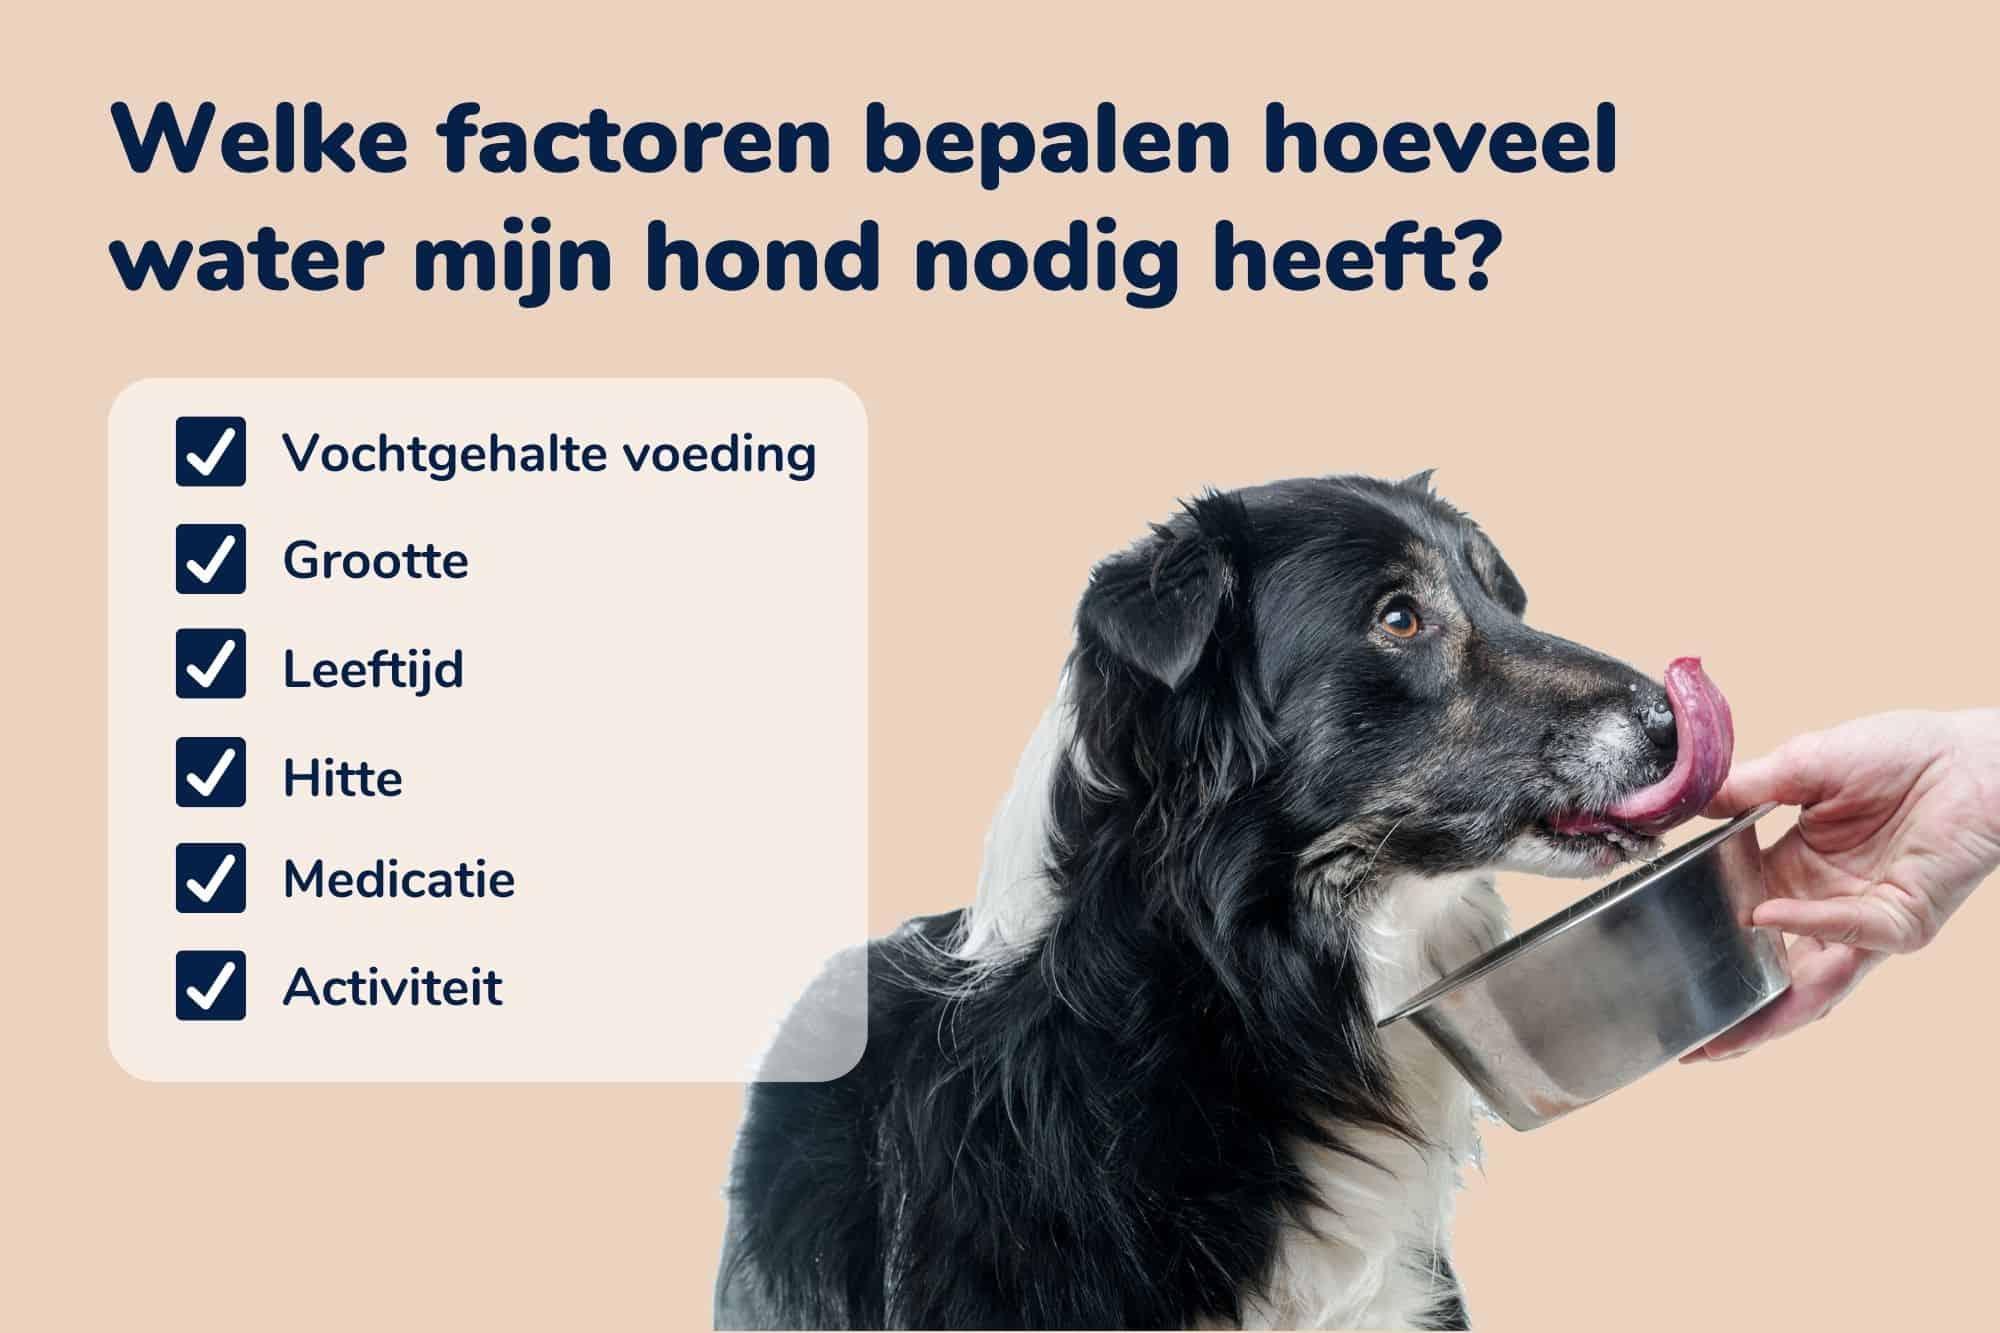 Veel factoren zijn bepalend voor de hoeveelheid water die jouw hond nodig heeft. Dit zijn de belangrijkste: het vochtgehalte van de voeding, de grootte van je hond, de leeftijd van je hond, de hitte, eventuele medicatie van je hond en de activiteiten die je hond dagelijks uitvoert.